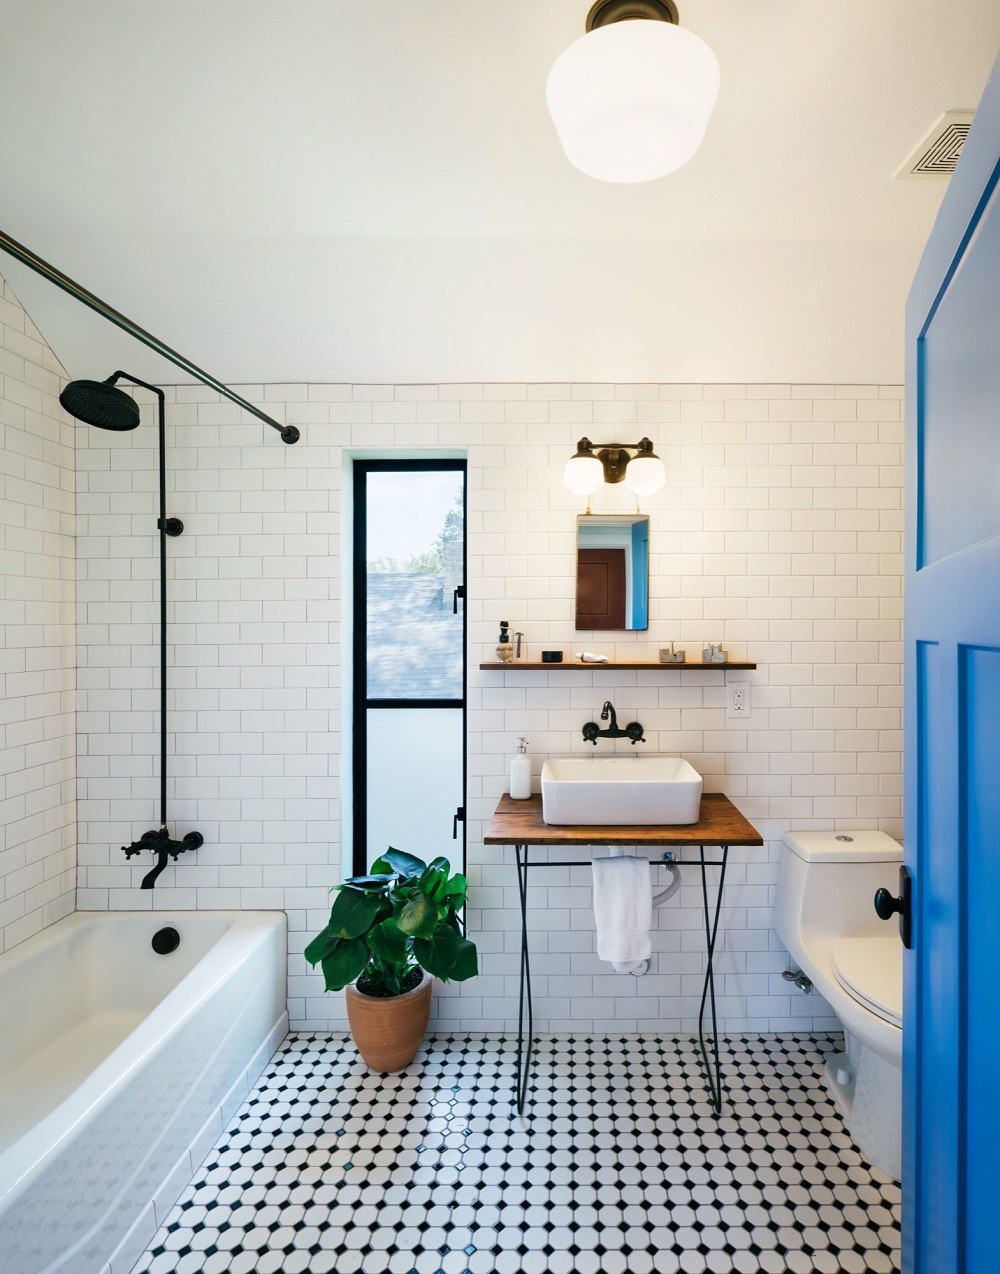 mẫu nhà tắm sinh động